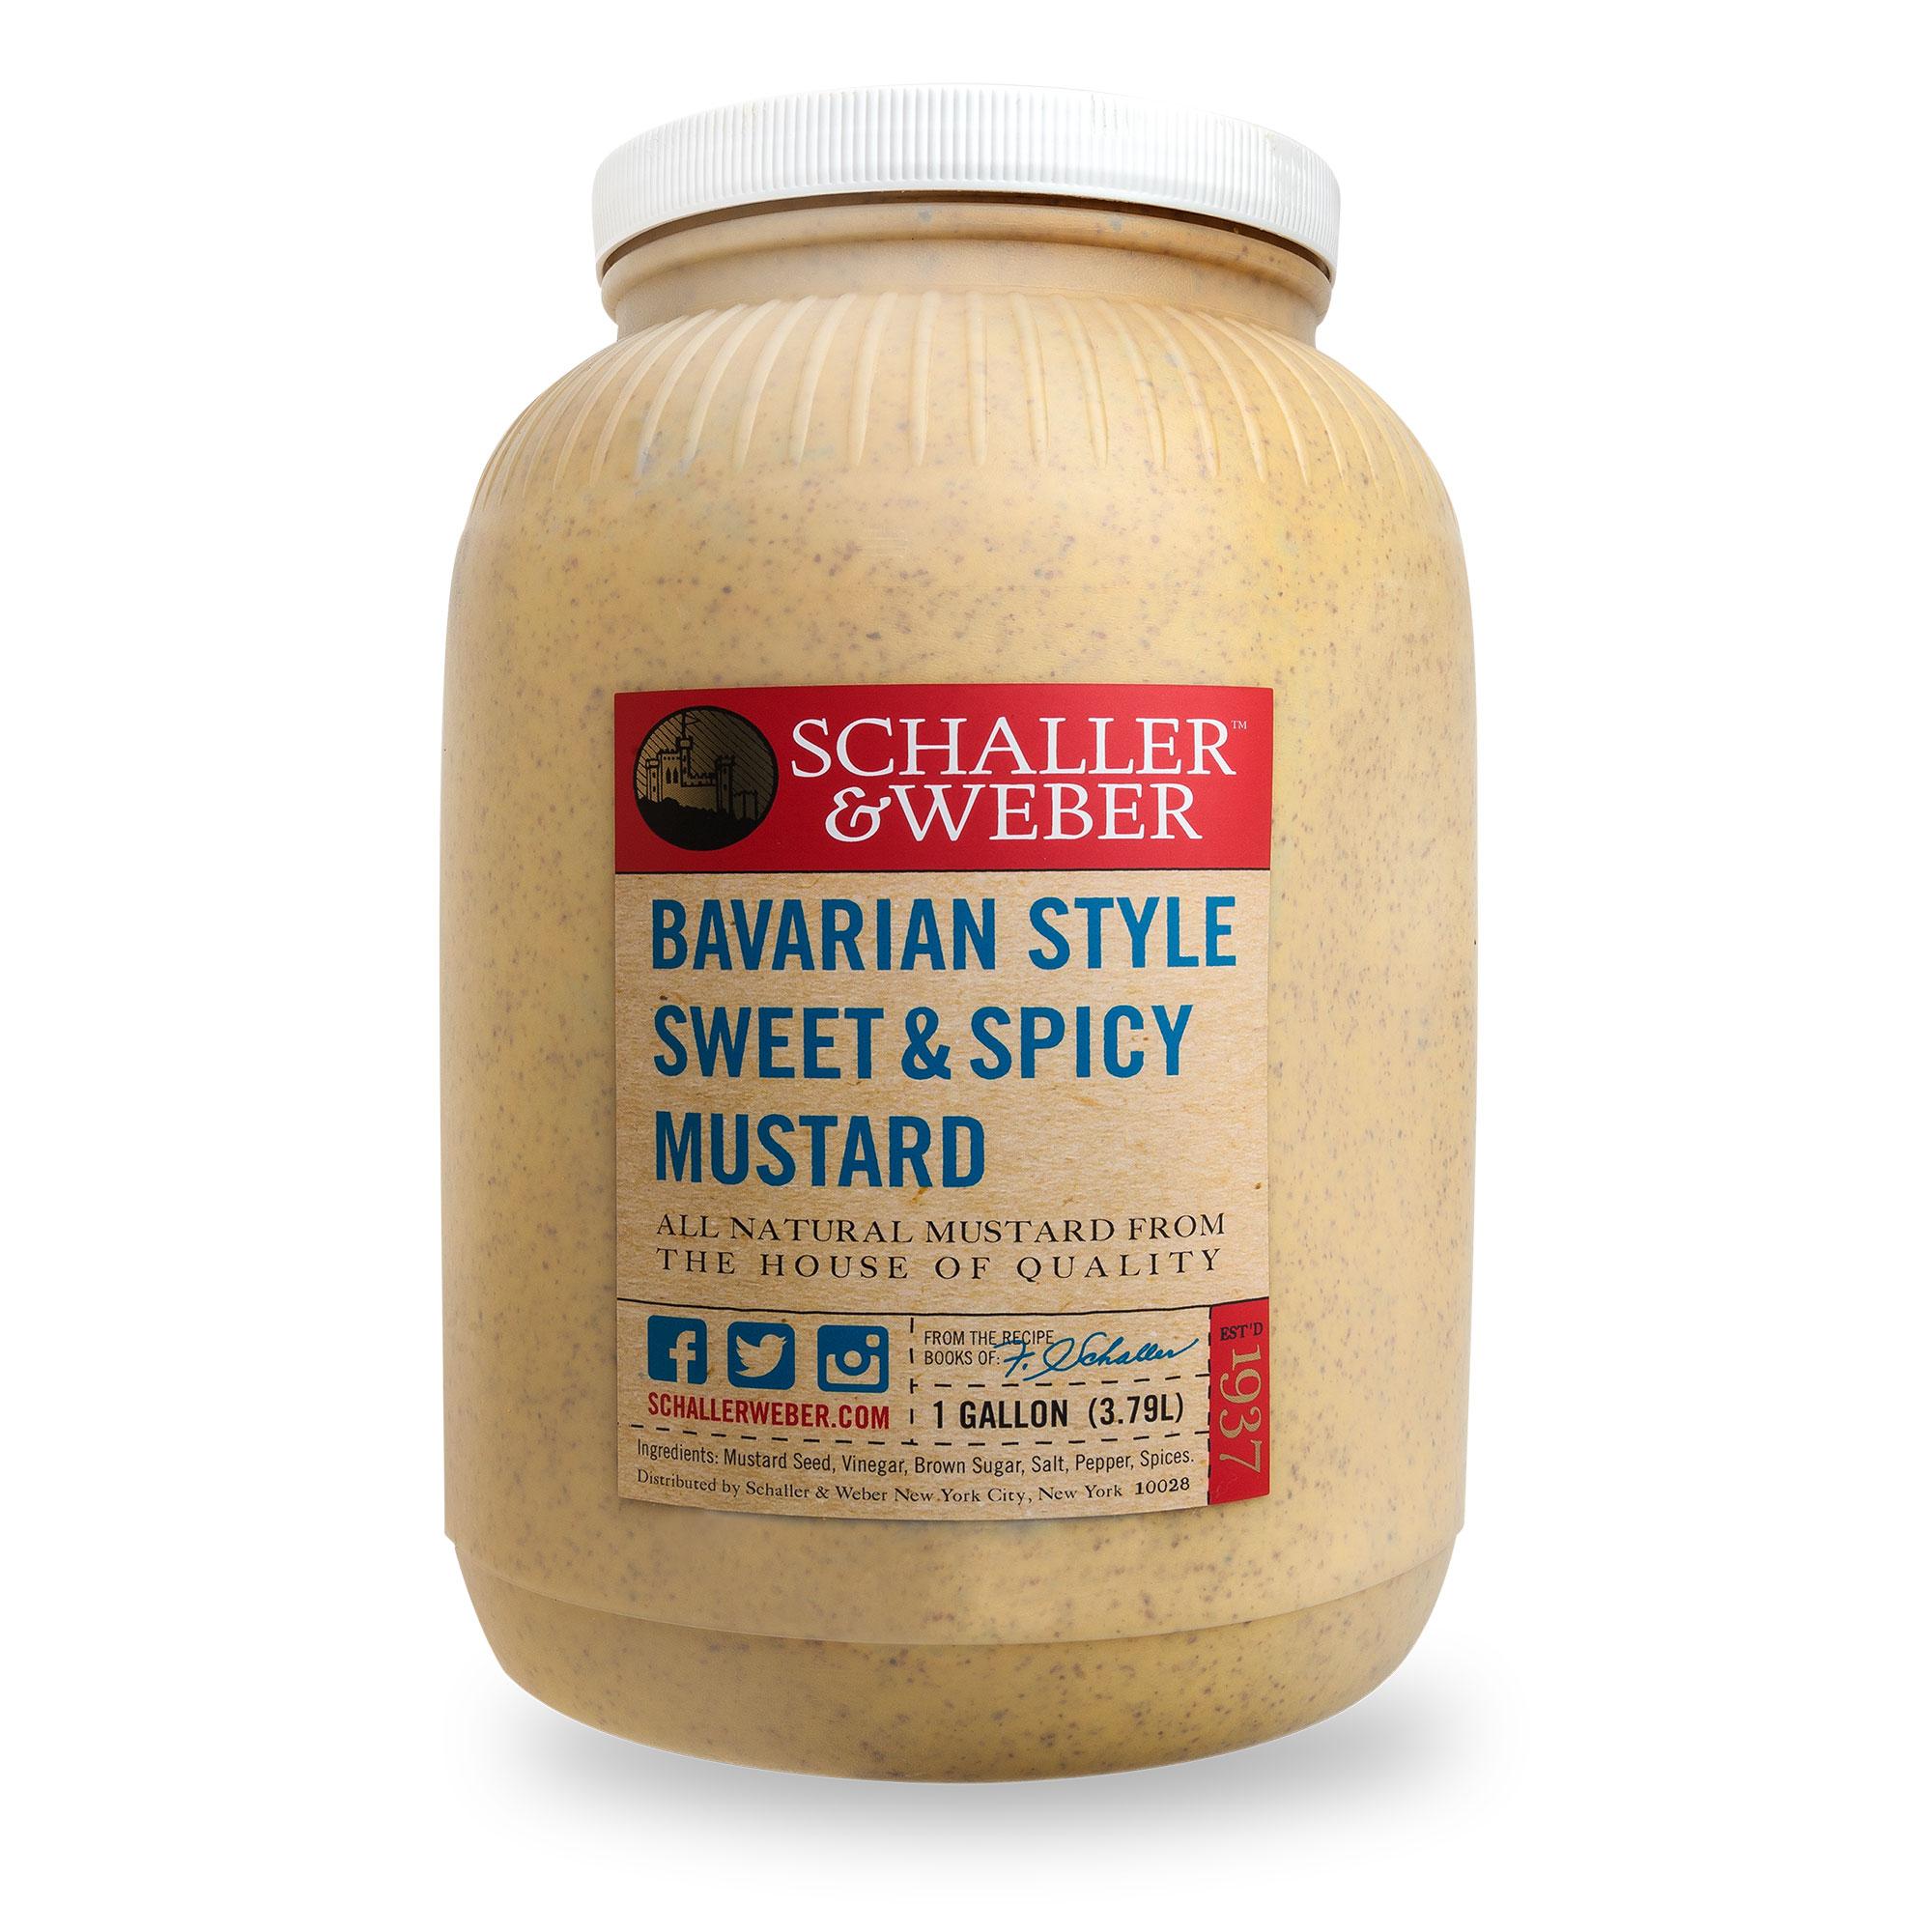 Bavarian Sweet & Spicy Mustard - Schaller & Weber